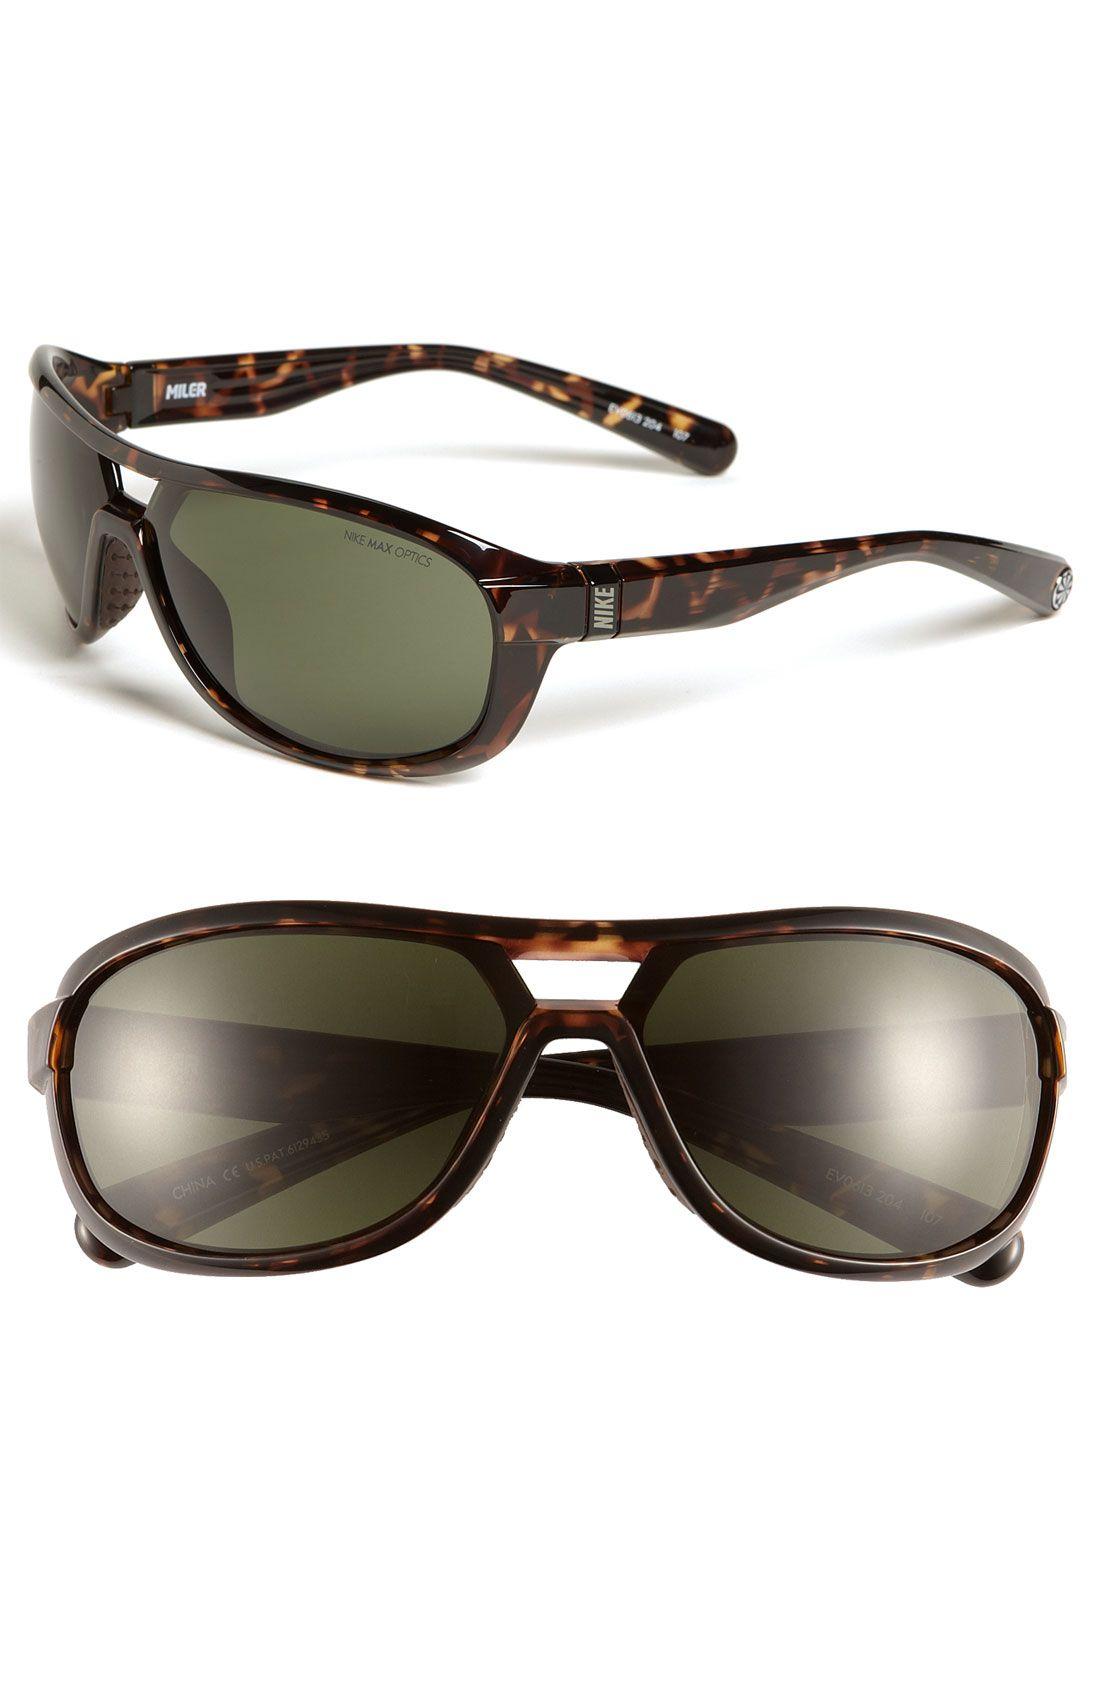 Nike Aviator Sunglasses Sunglasses, Glasses, Sports glasses